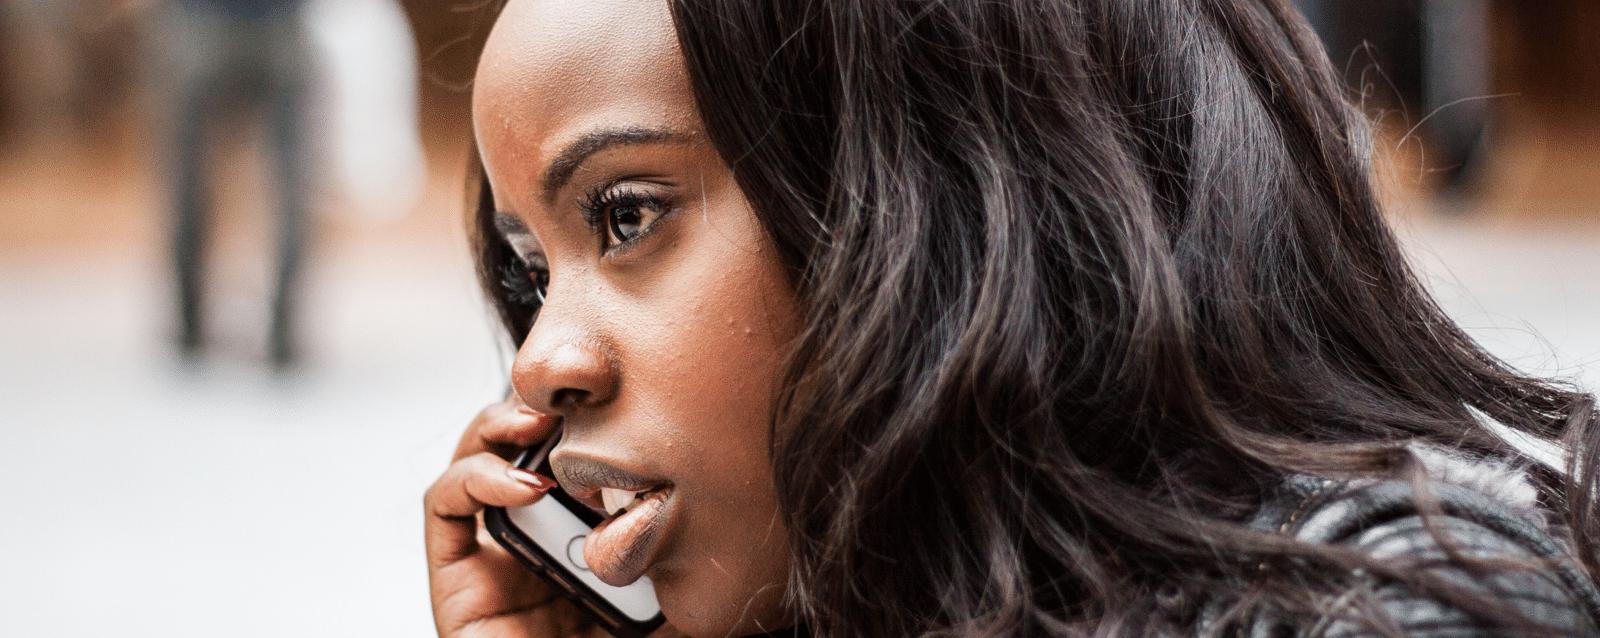 ligne d'écoute psychologique femme au téléphone